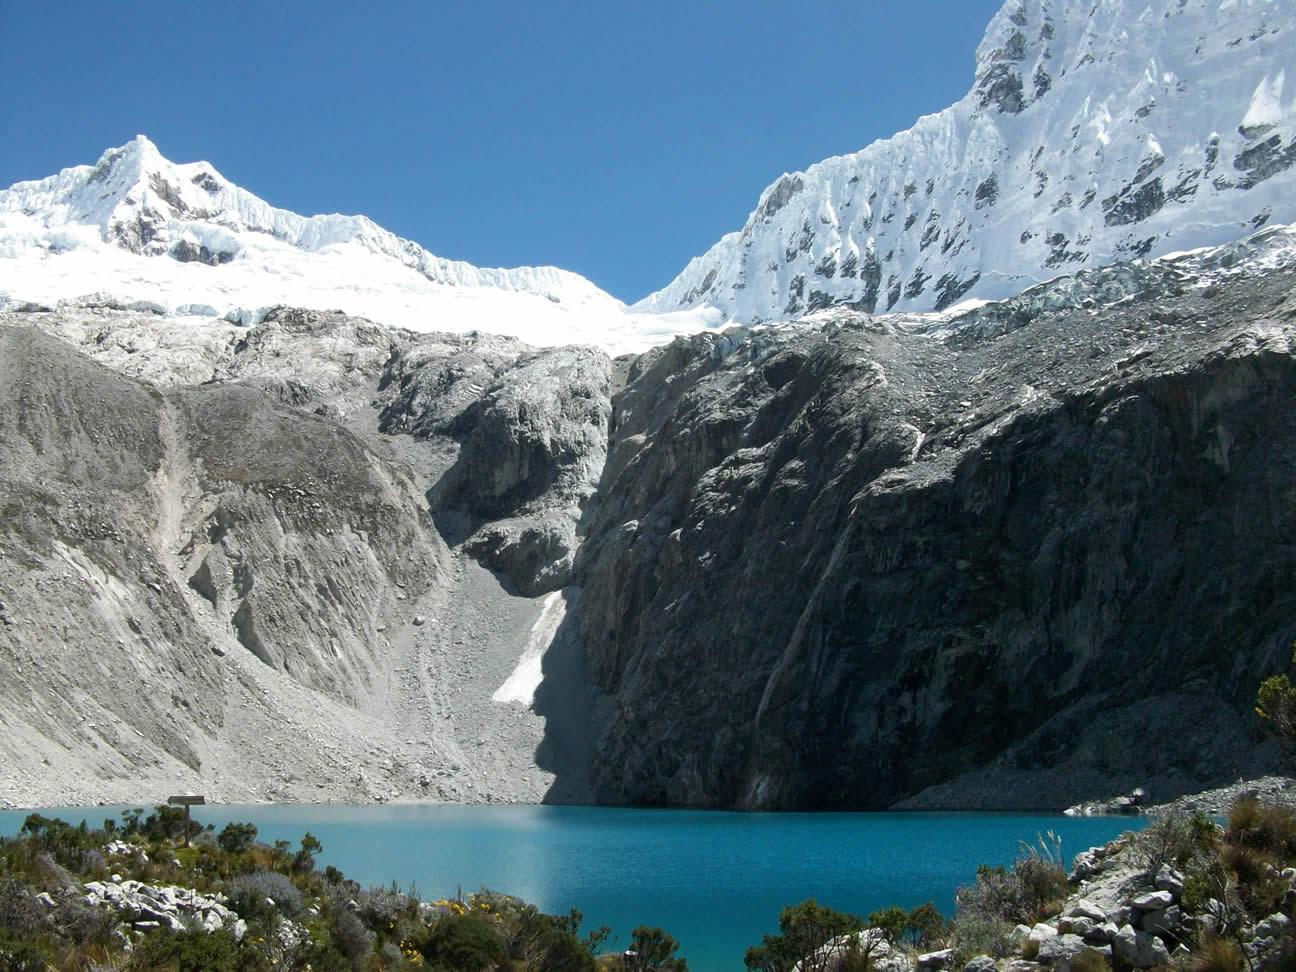 Lake 69 - Pisco base camp trek trekking 36